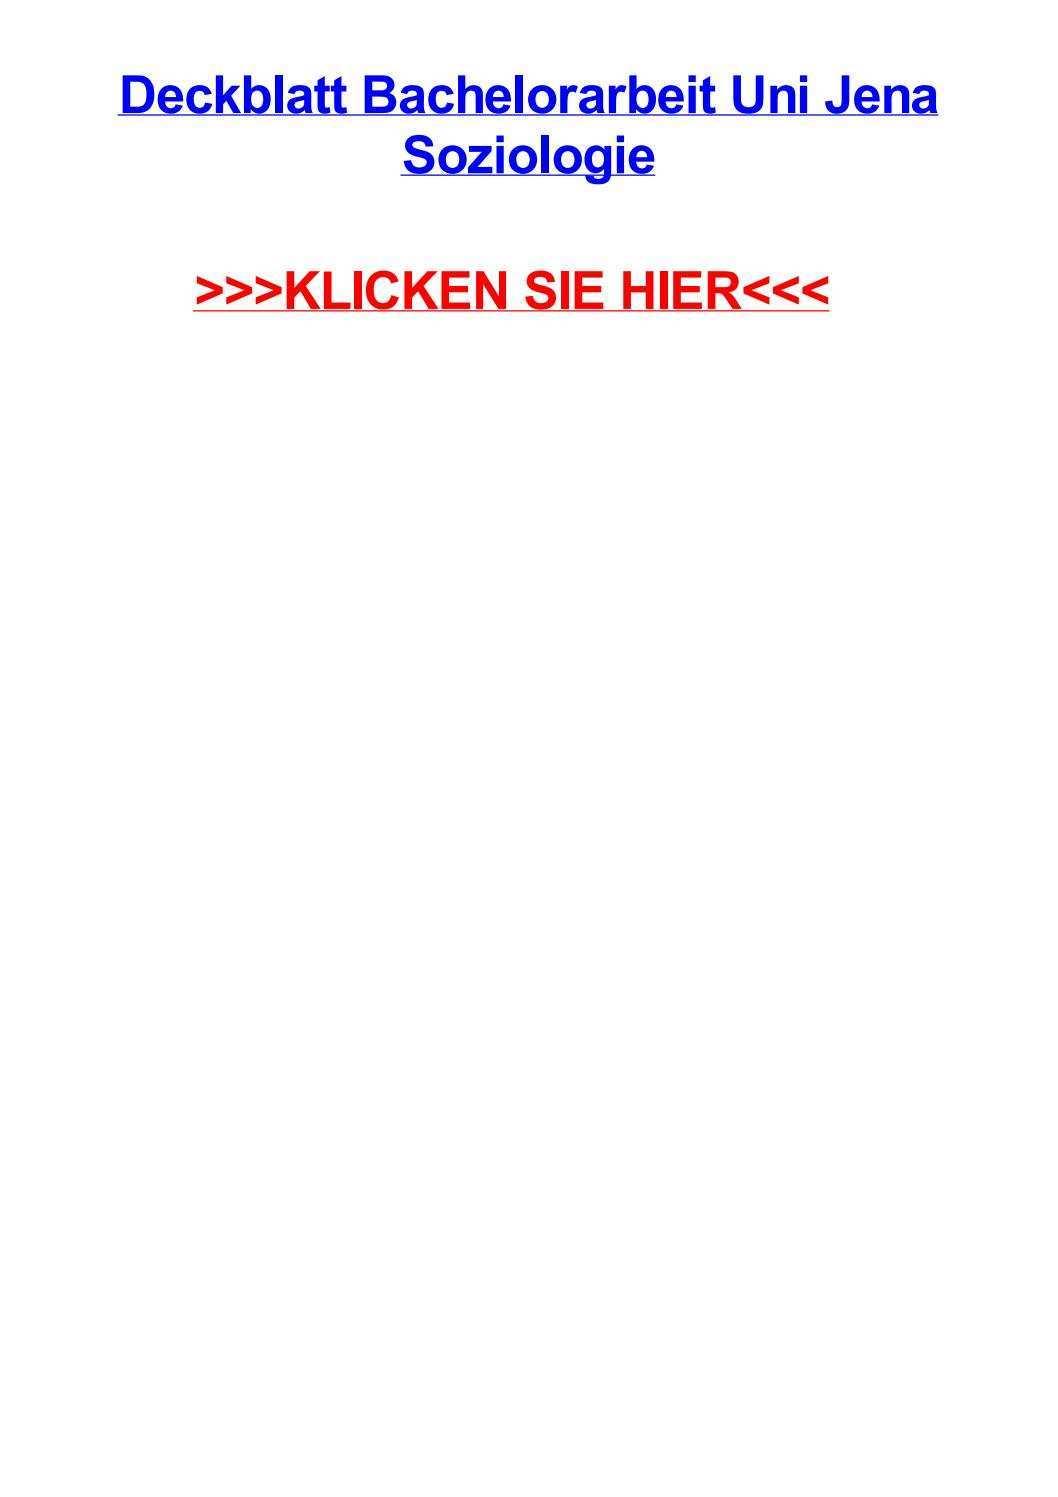 Deckblatt Bachelorarbeit Uni Jena Soziologie By Jackjyrz Issuu